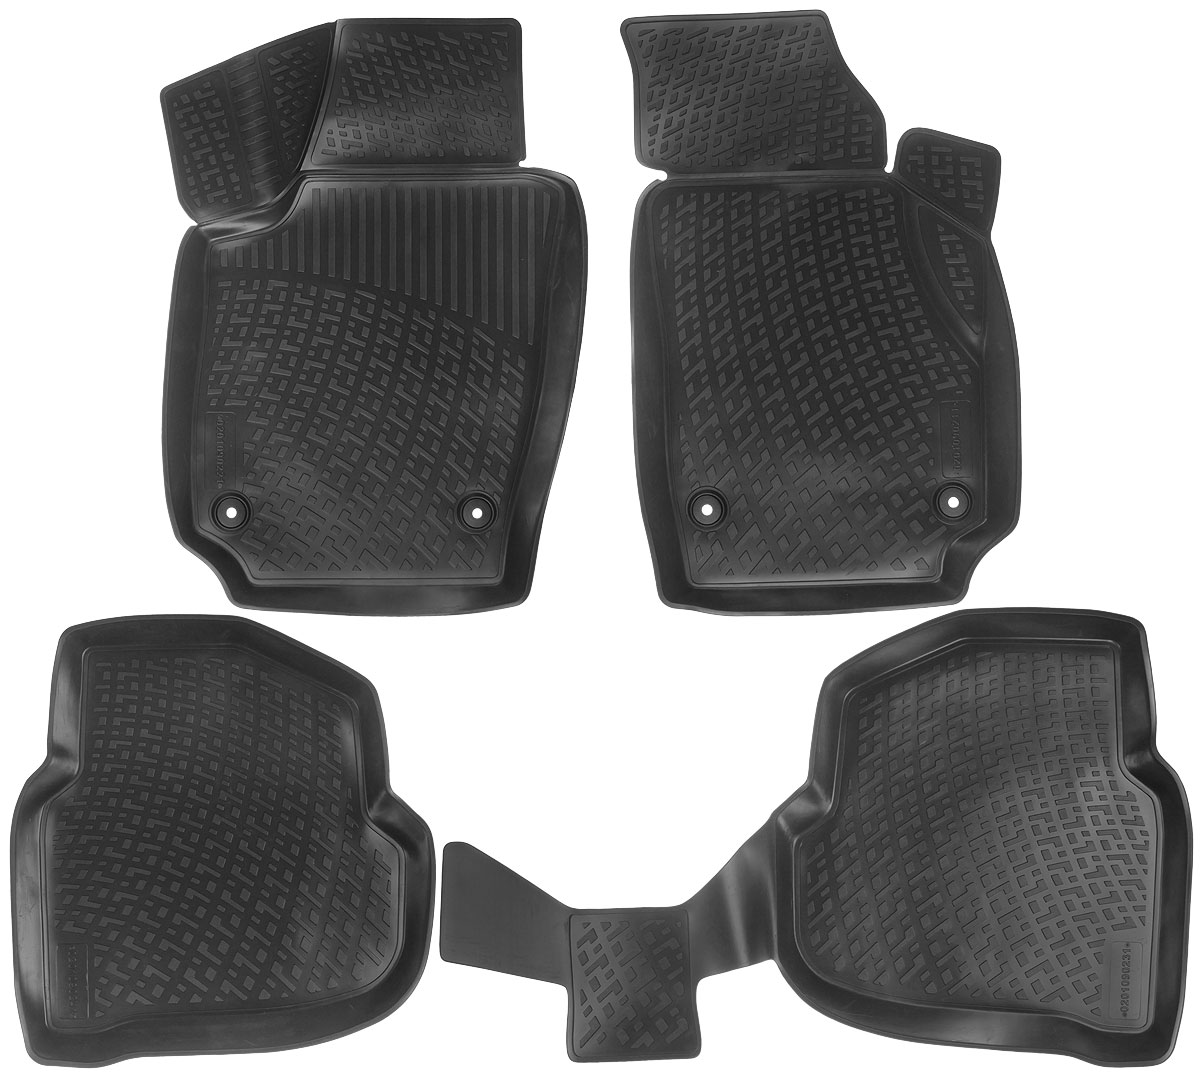 Набор автомобильных ковриков L.Locker Volkswagen Polo V Sedan 2010, в салон, 4 шт0201090201Набор L.Locker Volkswagen Polo V Sedan 2010, изготовленный из полиуретана, состоит из 4 антискользящих 3D ковриков, которые производятся индивидуально для каждой модели автомобиля. Изделие точно повторяет геометрию пола автомобиля, имеет высокий борт, обладает повышенной износоустойчивостью, лишено резкого запаха и сохраняет свои потребительские свойства в широком диапазоне температур от -50°С до +50°С.Комплектация: 4 шт.Размер ковриков: 78 см х 49 см; 57 см х 54,5 см; 98 см х 57 см; 53 см х 77 см.